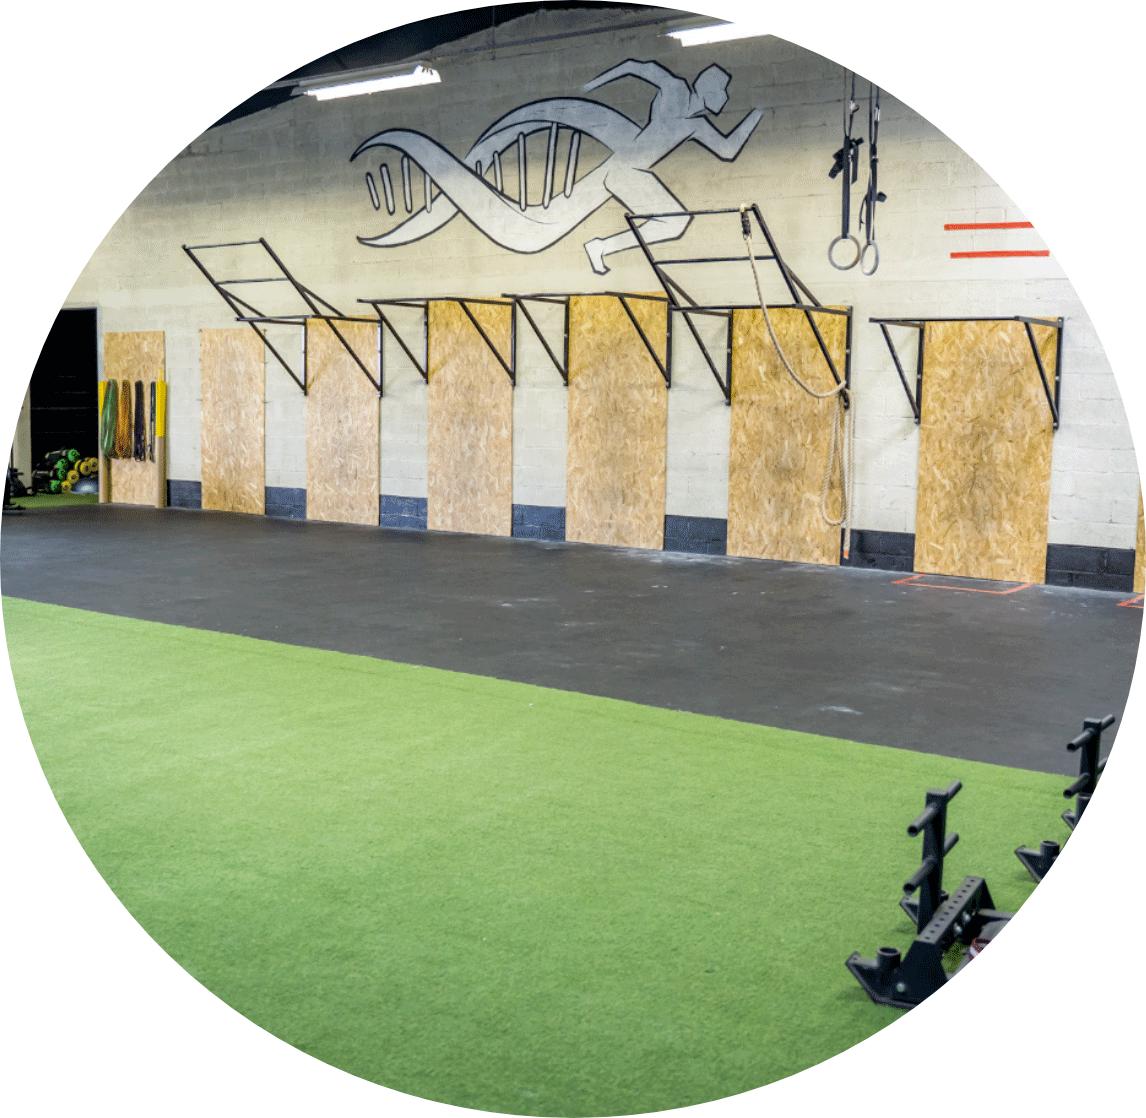 La salle de sport Athletic Training Performance (ATP) à Tarbes.